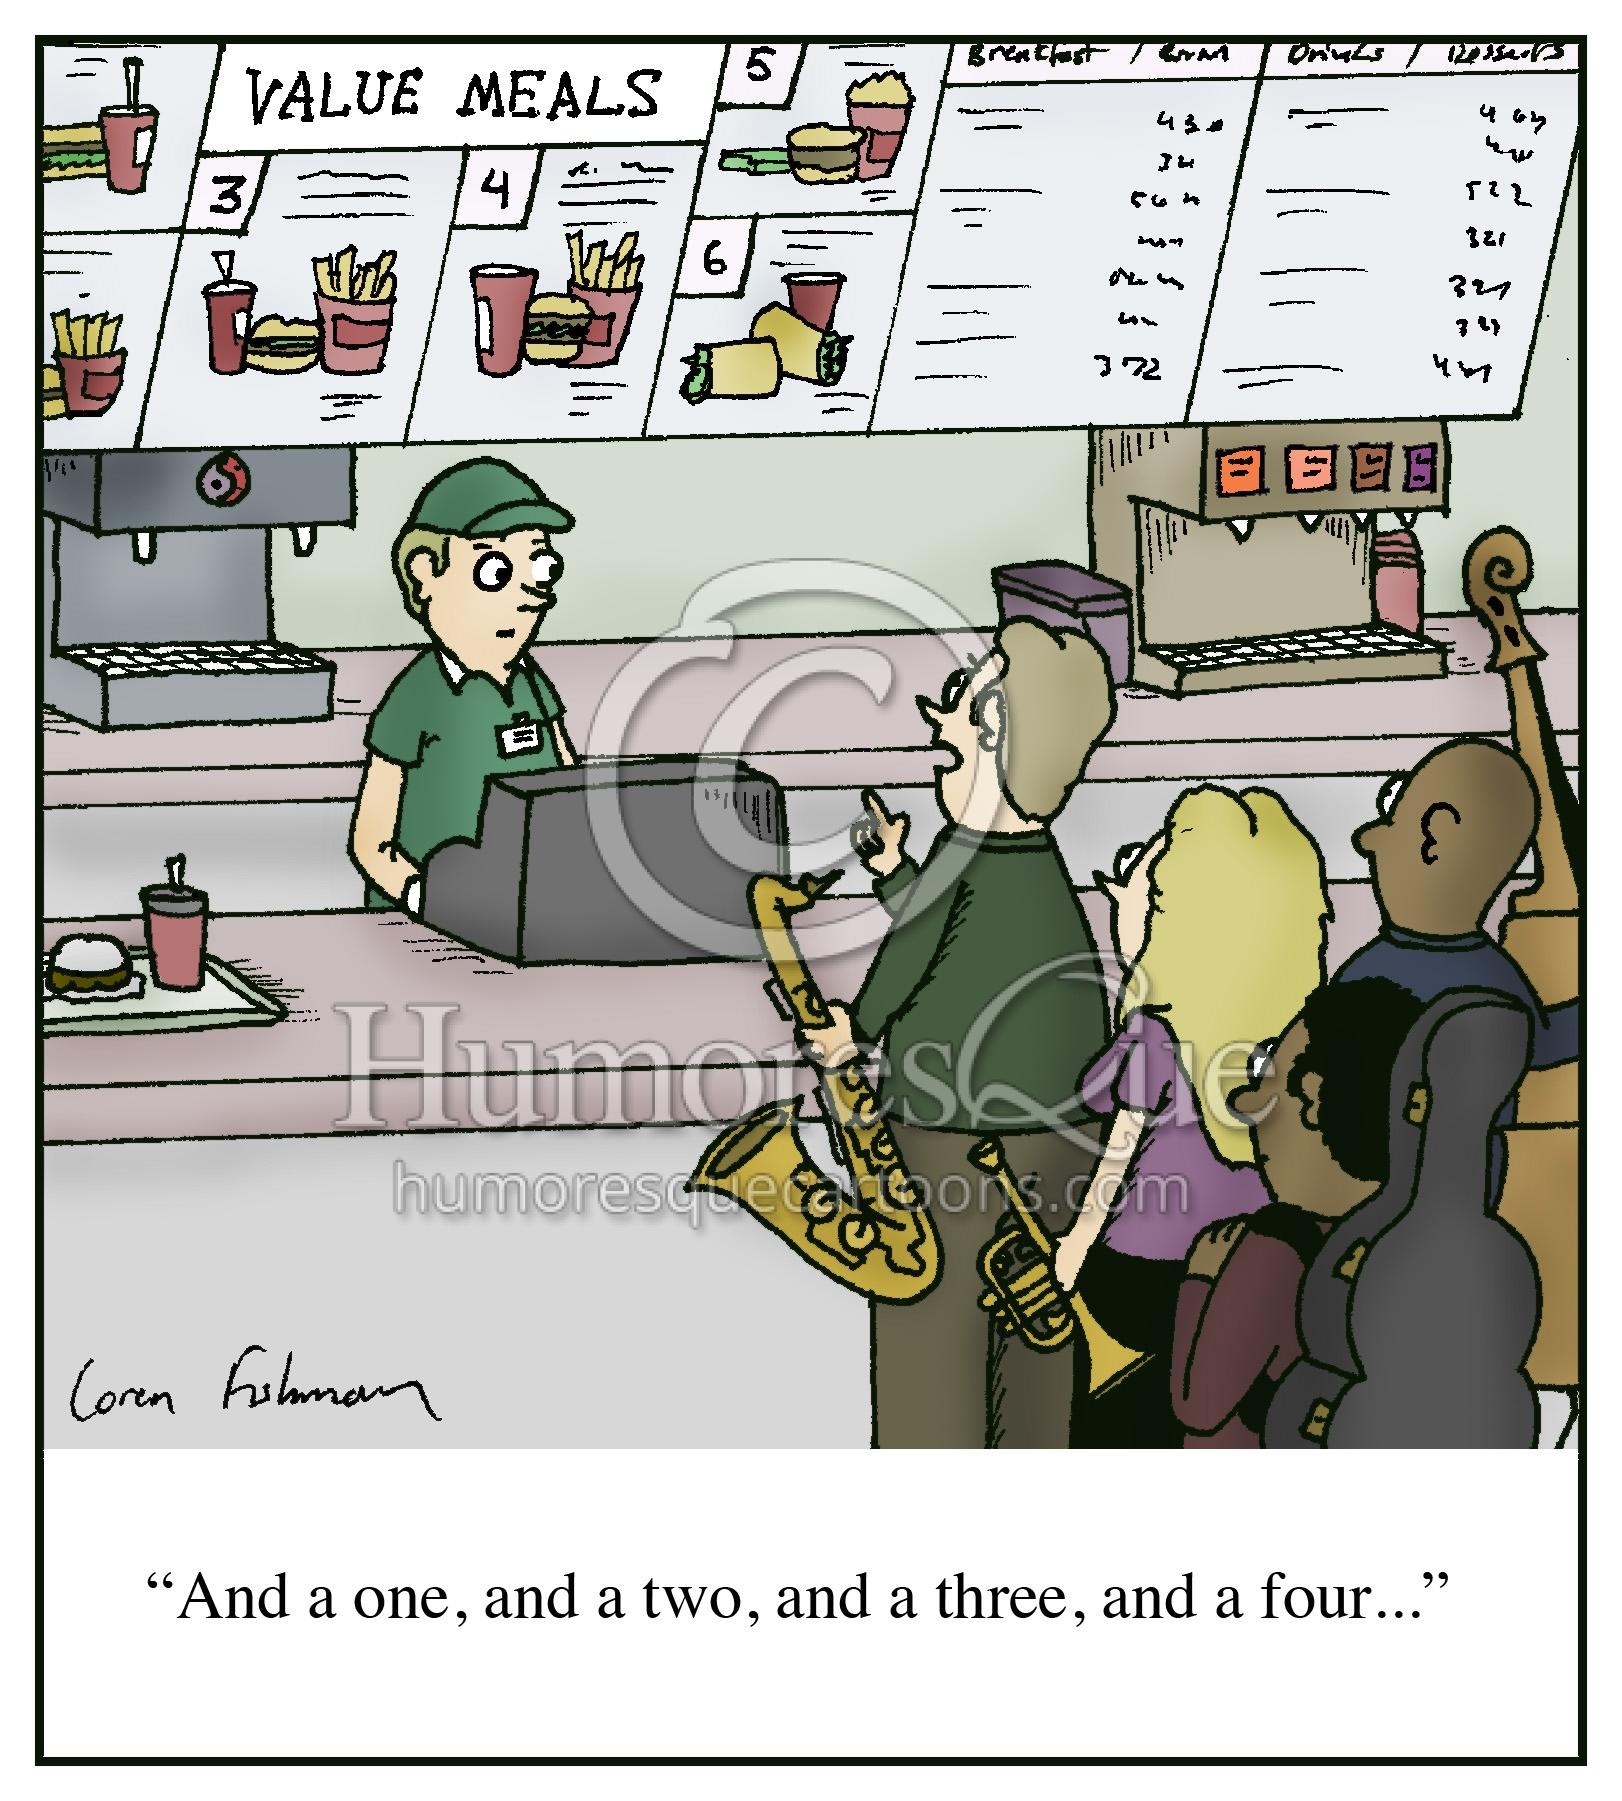 jazz combo meal cartoon